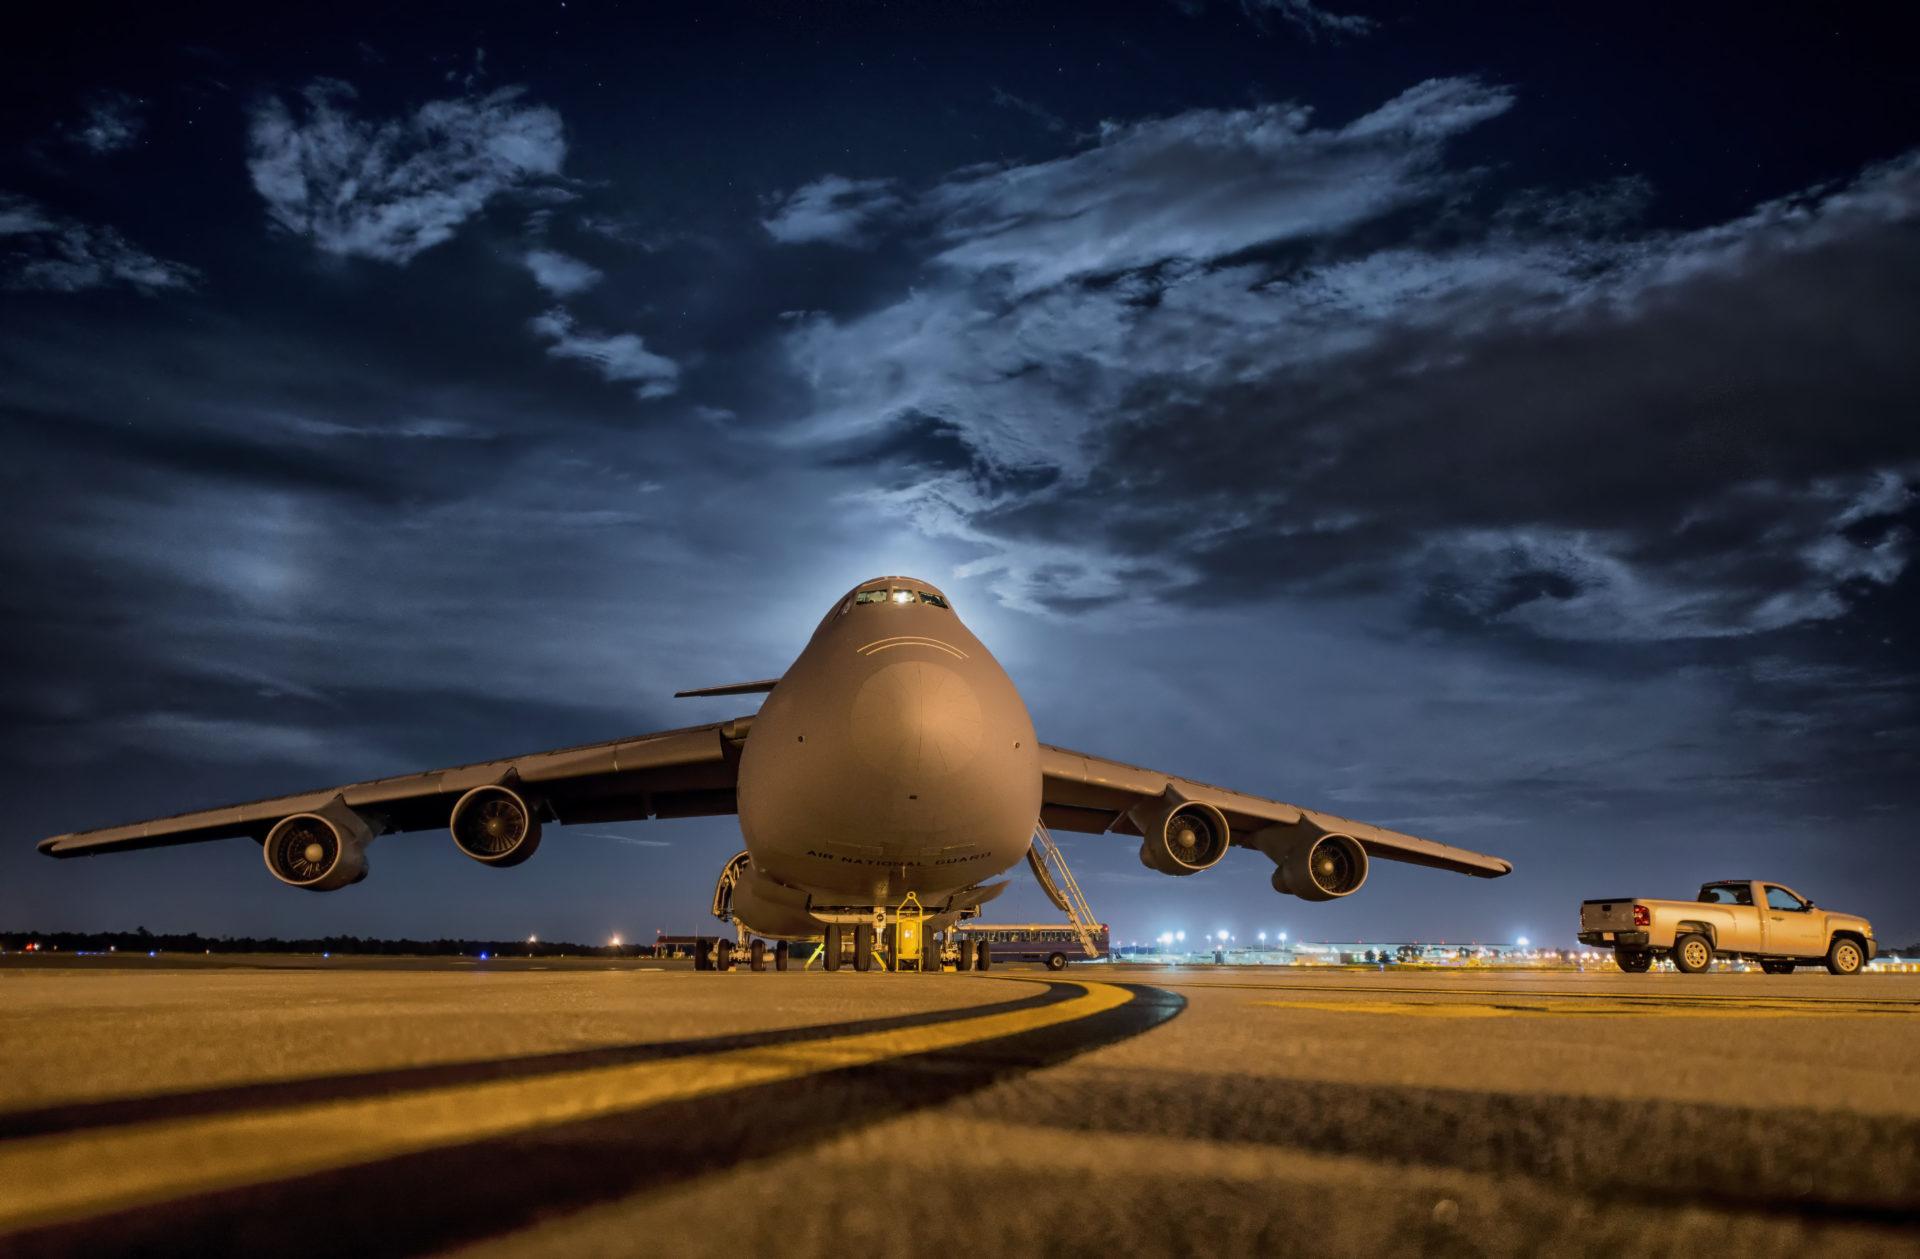 Imagen de un avión